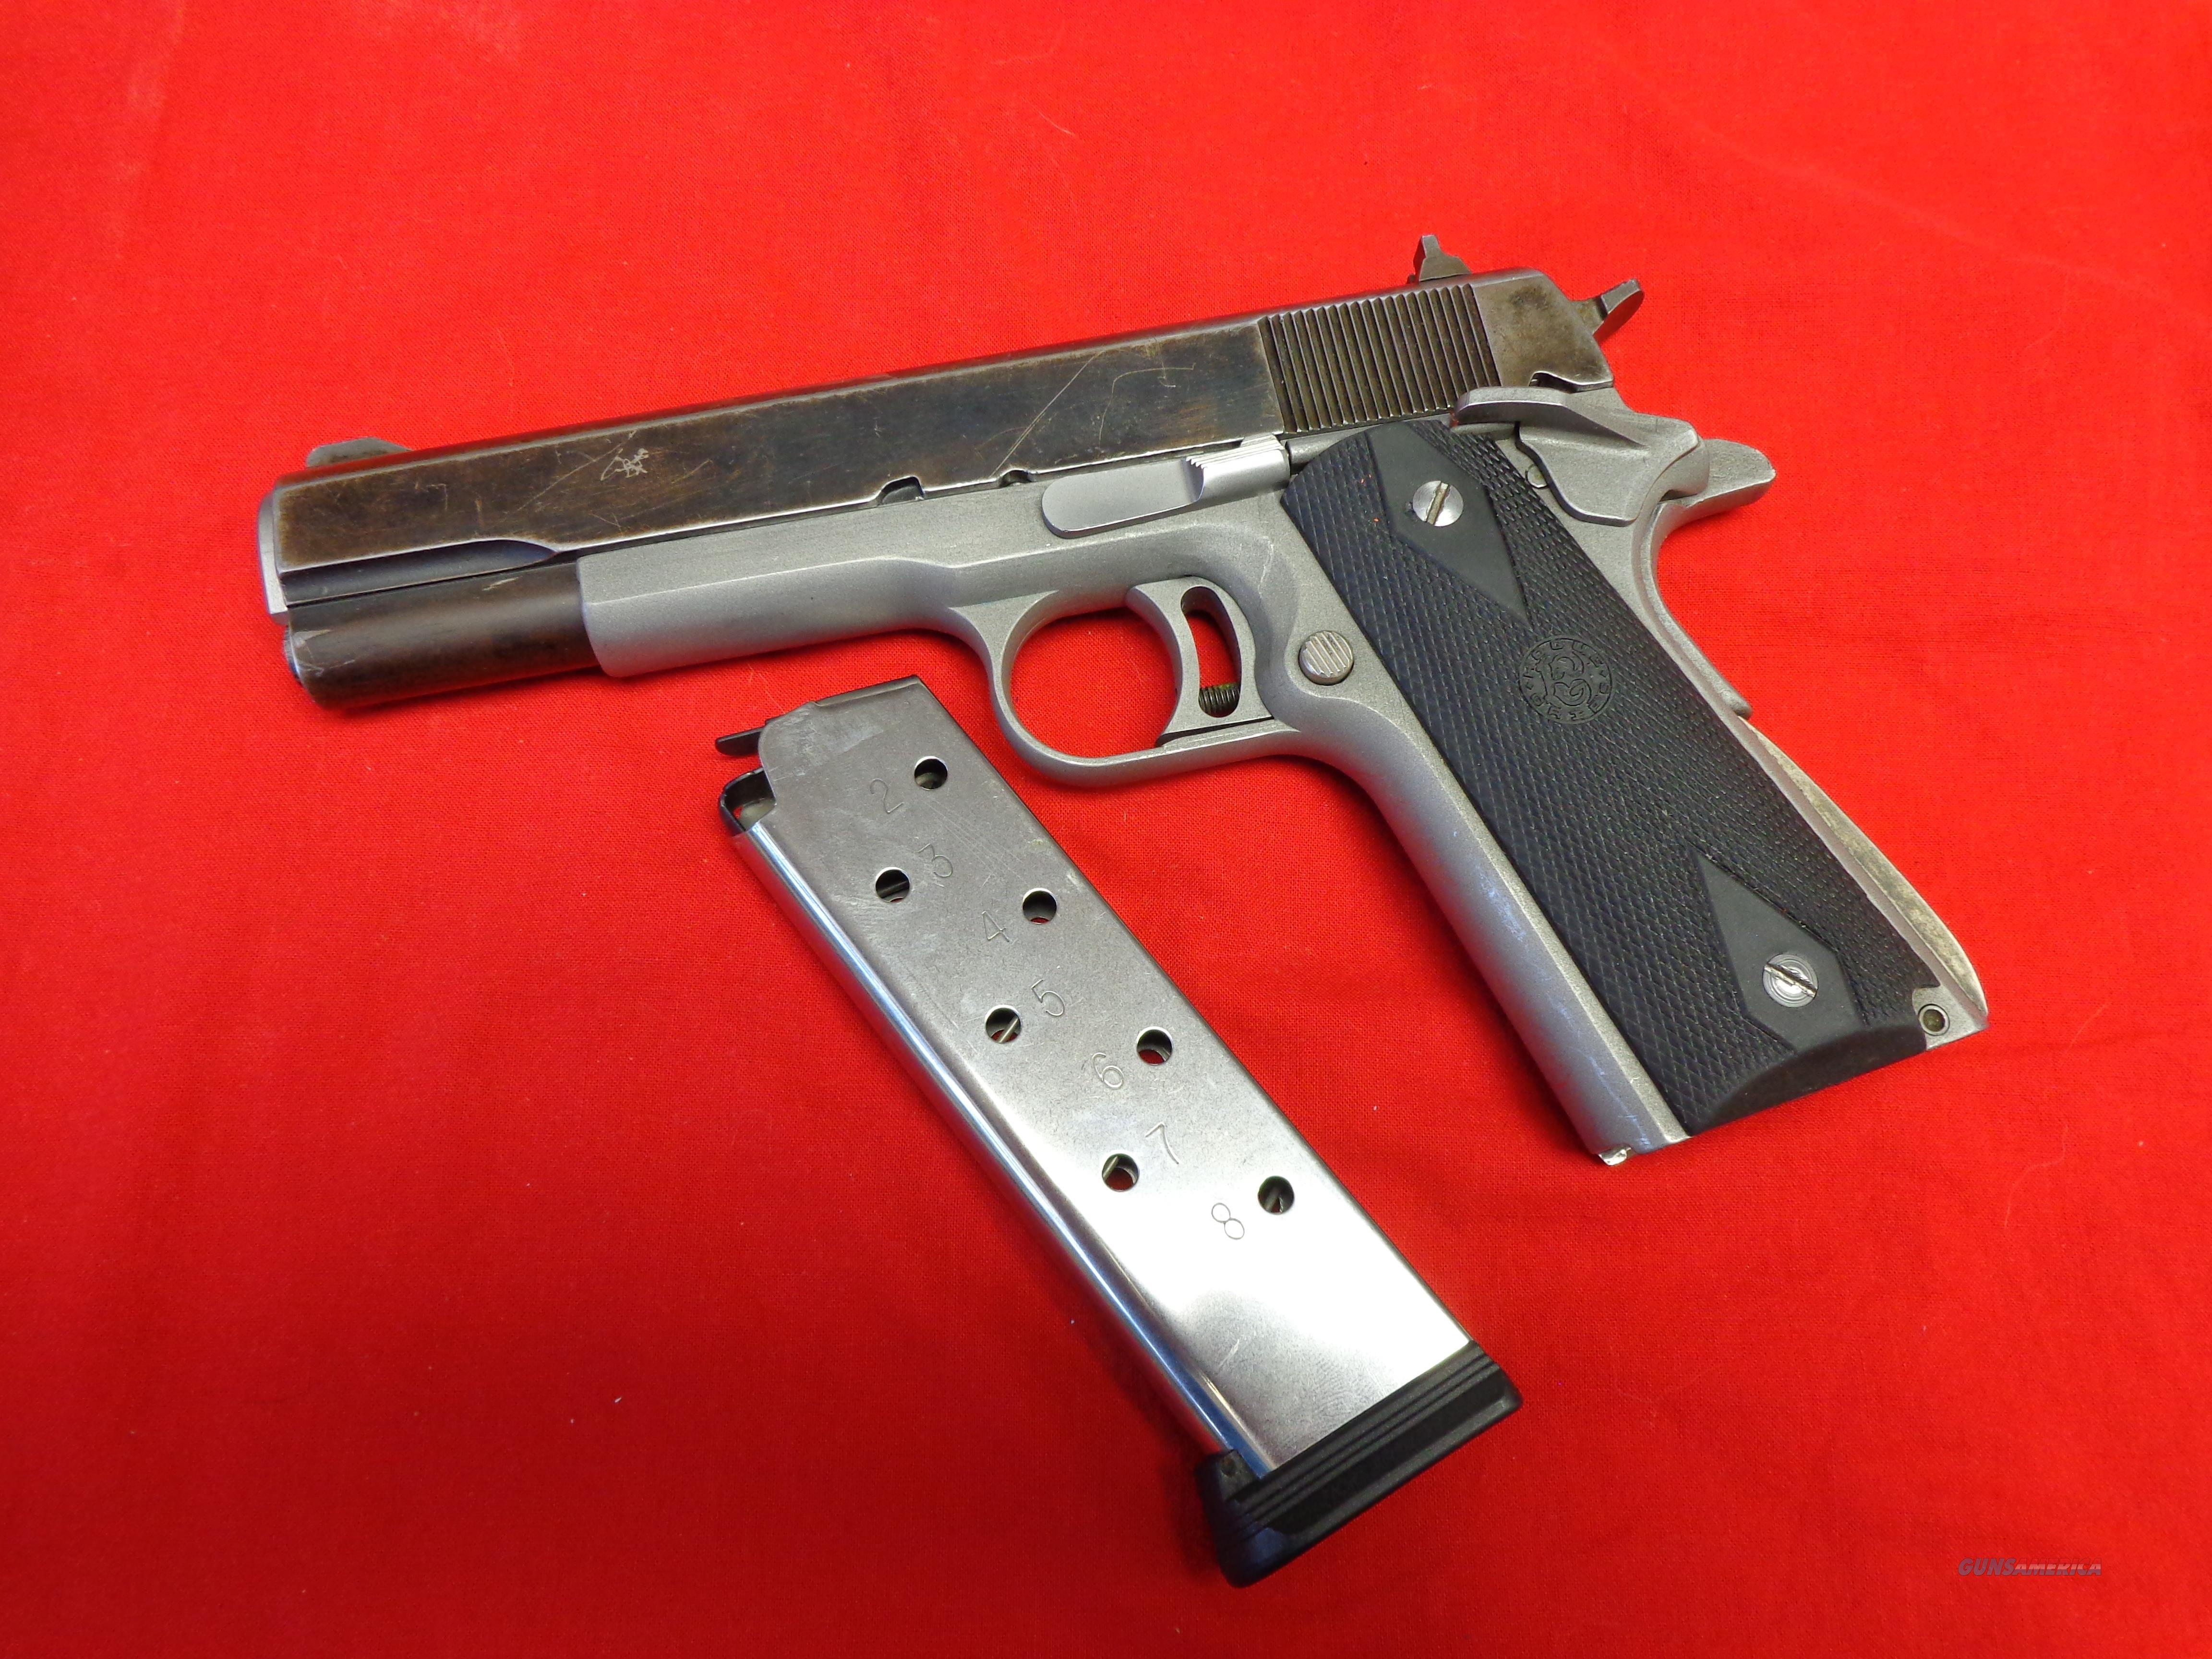 AMT FRAME 1911 PARTS GUN  Guns > Pistols > 1911 Pistol Copies (non-Colt)